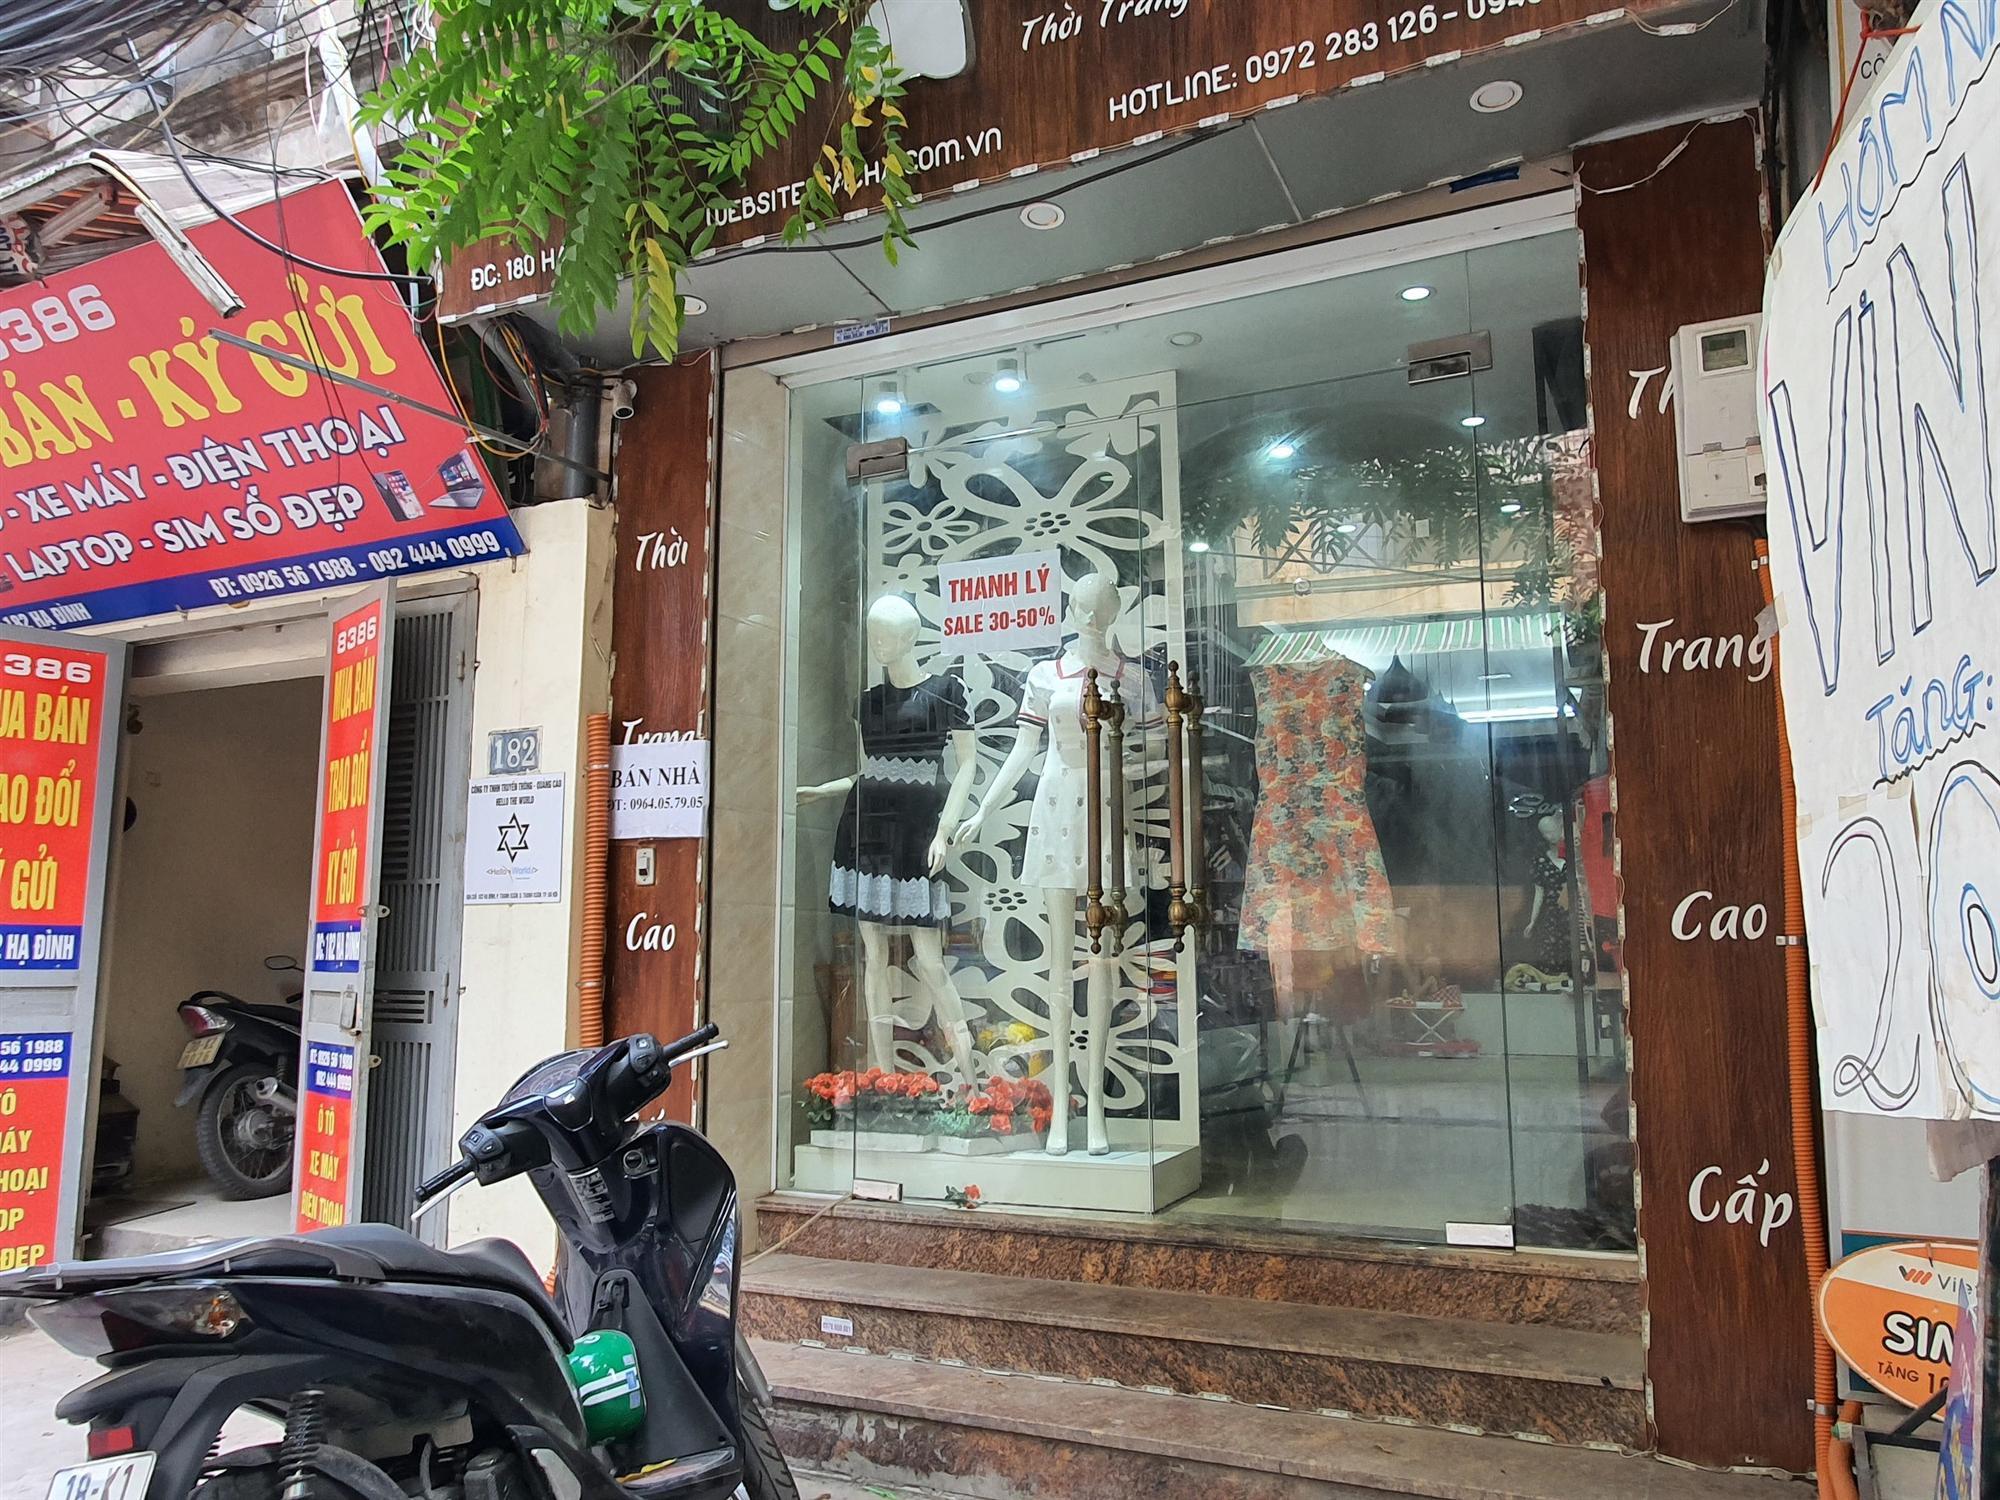 Hàng quán đóng cửa sang nhượng, dân quanh khu Rạng Đông thi nhau bán nhà-1